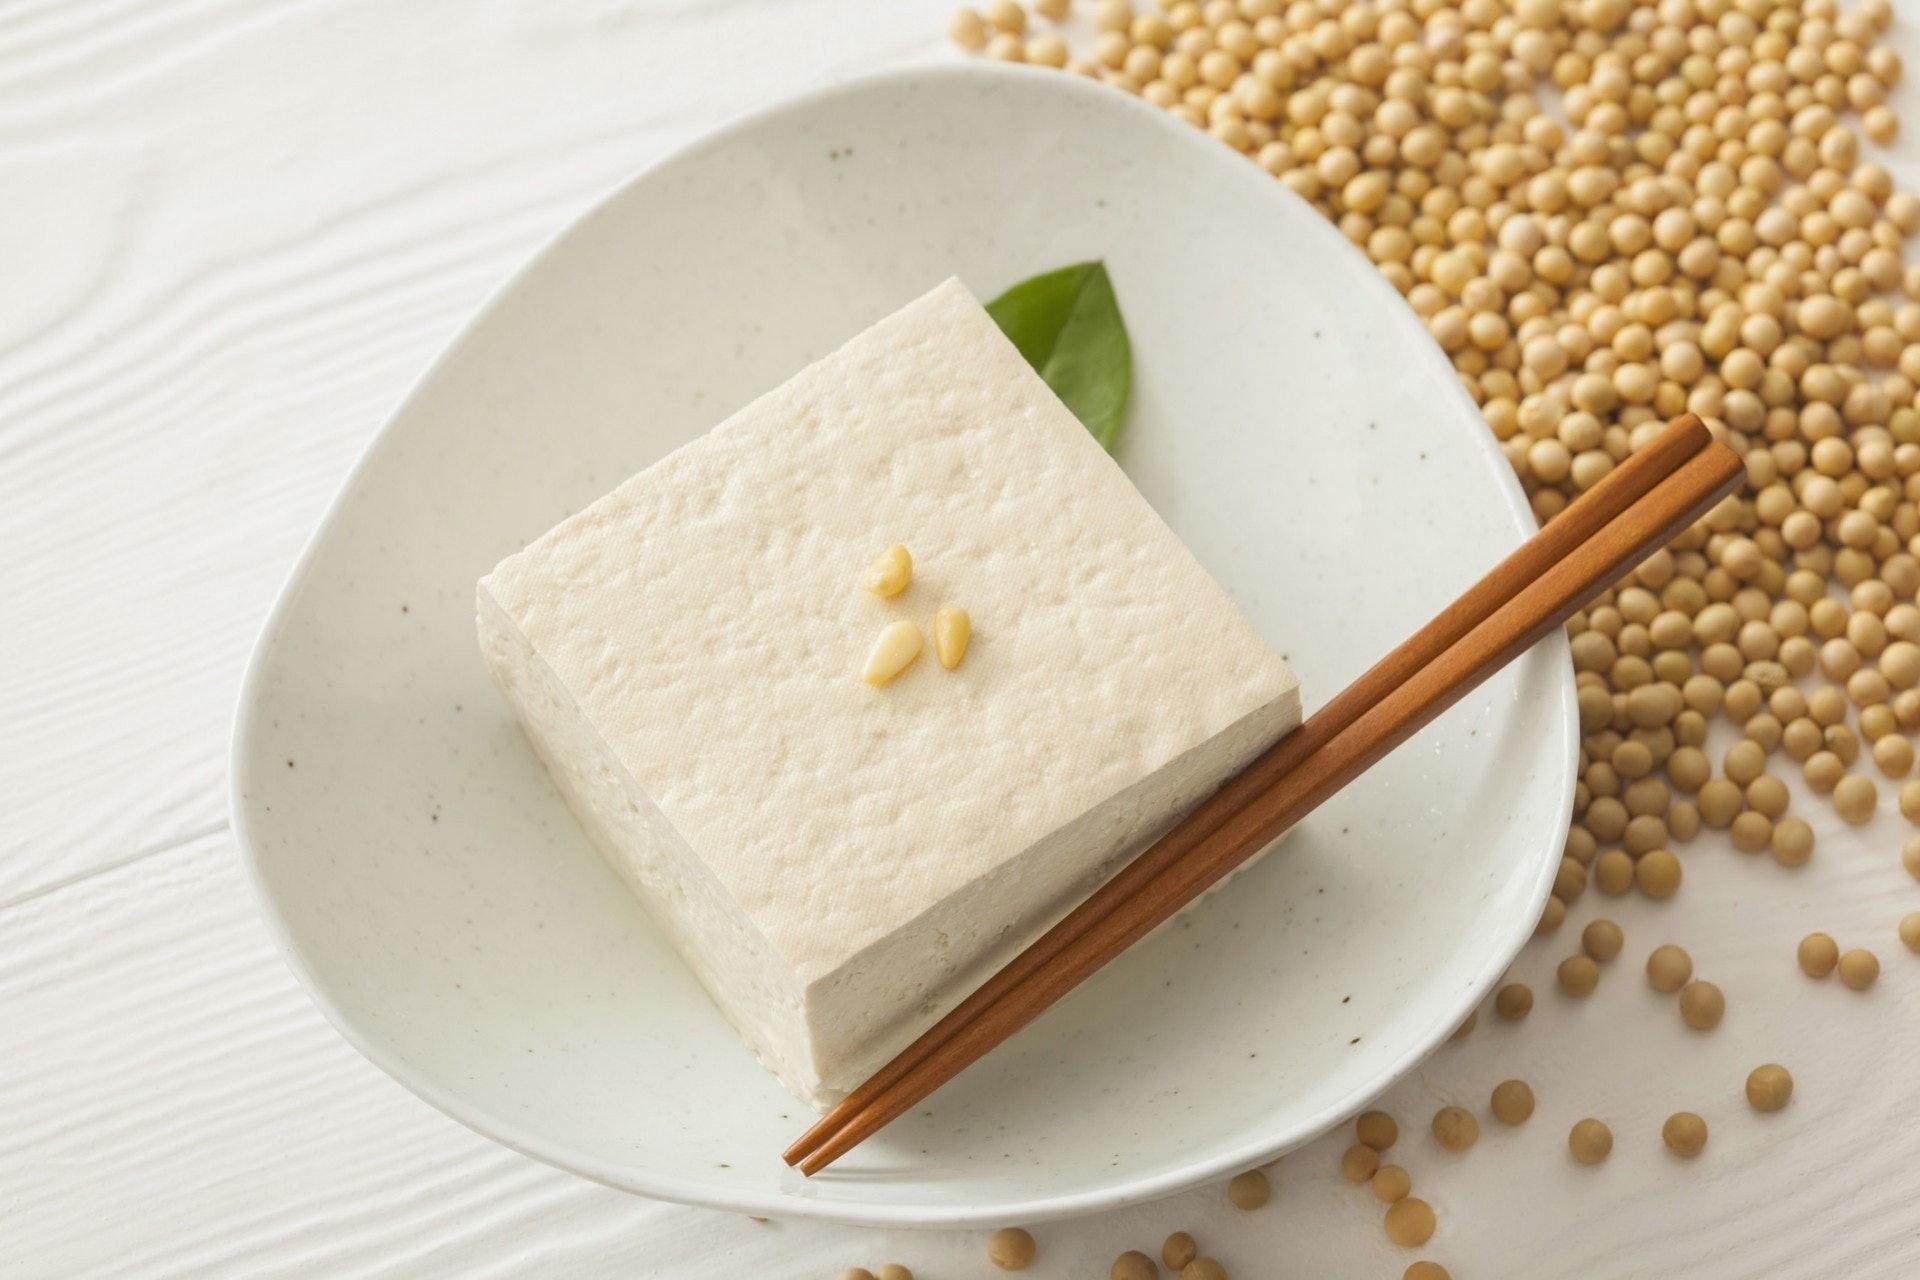 豆腐一向出名高嘌呤,別以為痛風病人才要少吃,原來腎功能不好的人士都要減少食豆腐。(VCG)